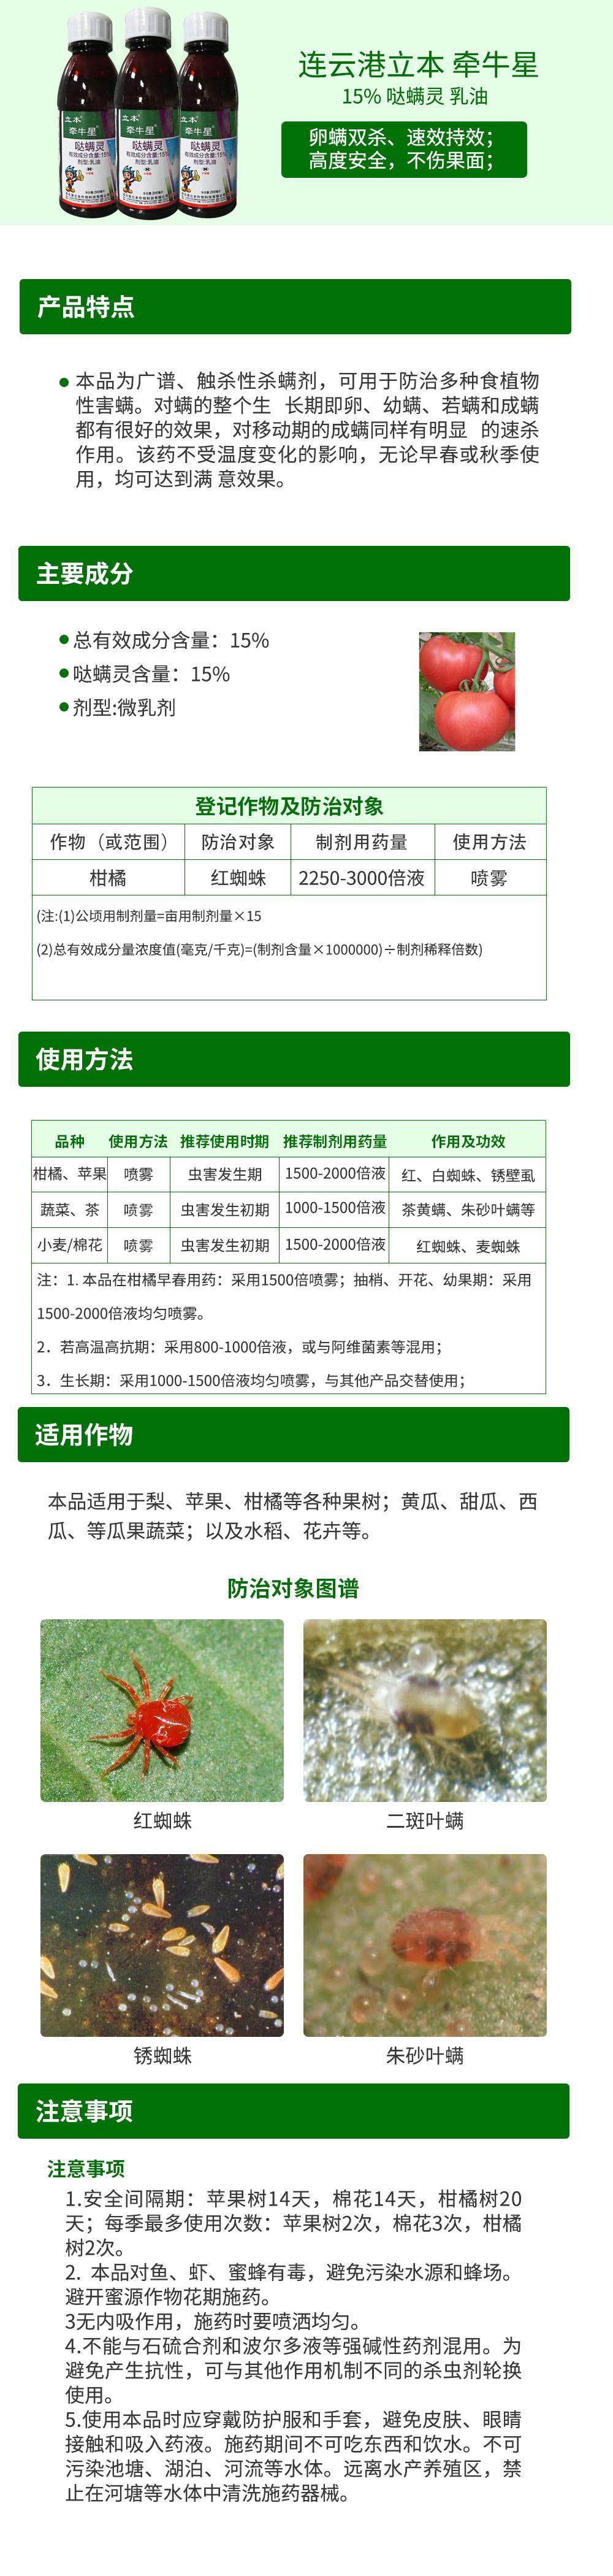 15%哒螨灵_看图王.jpg